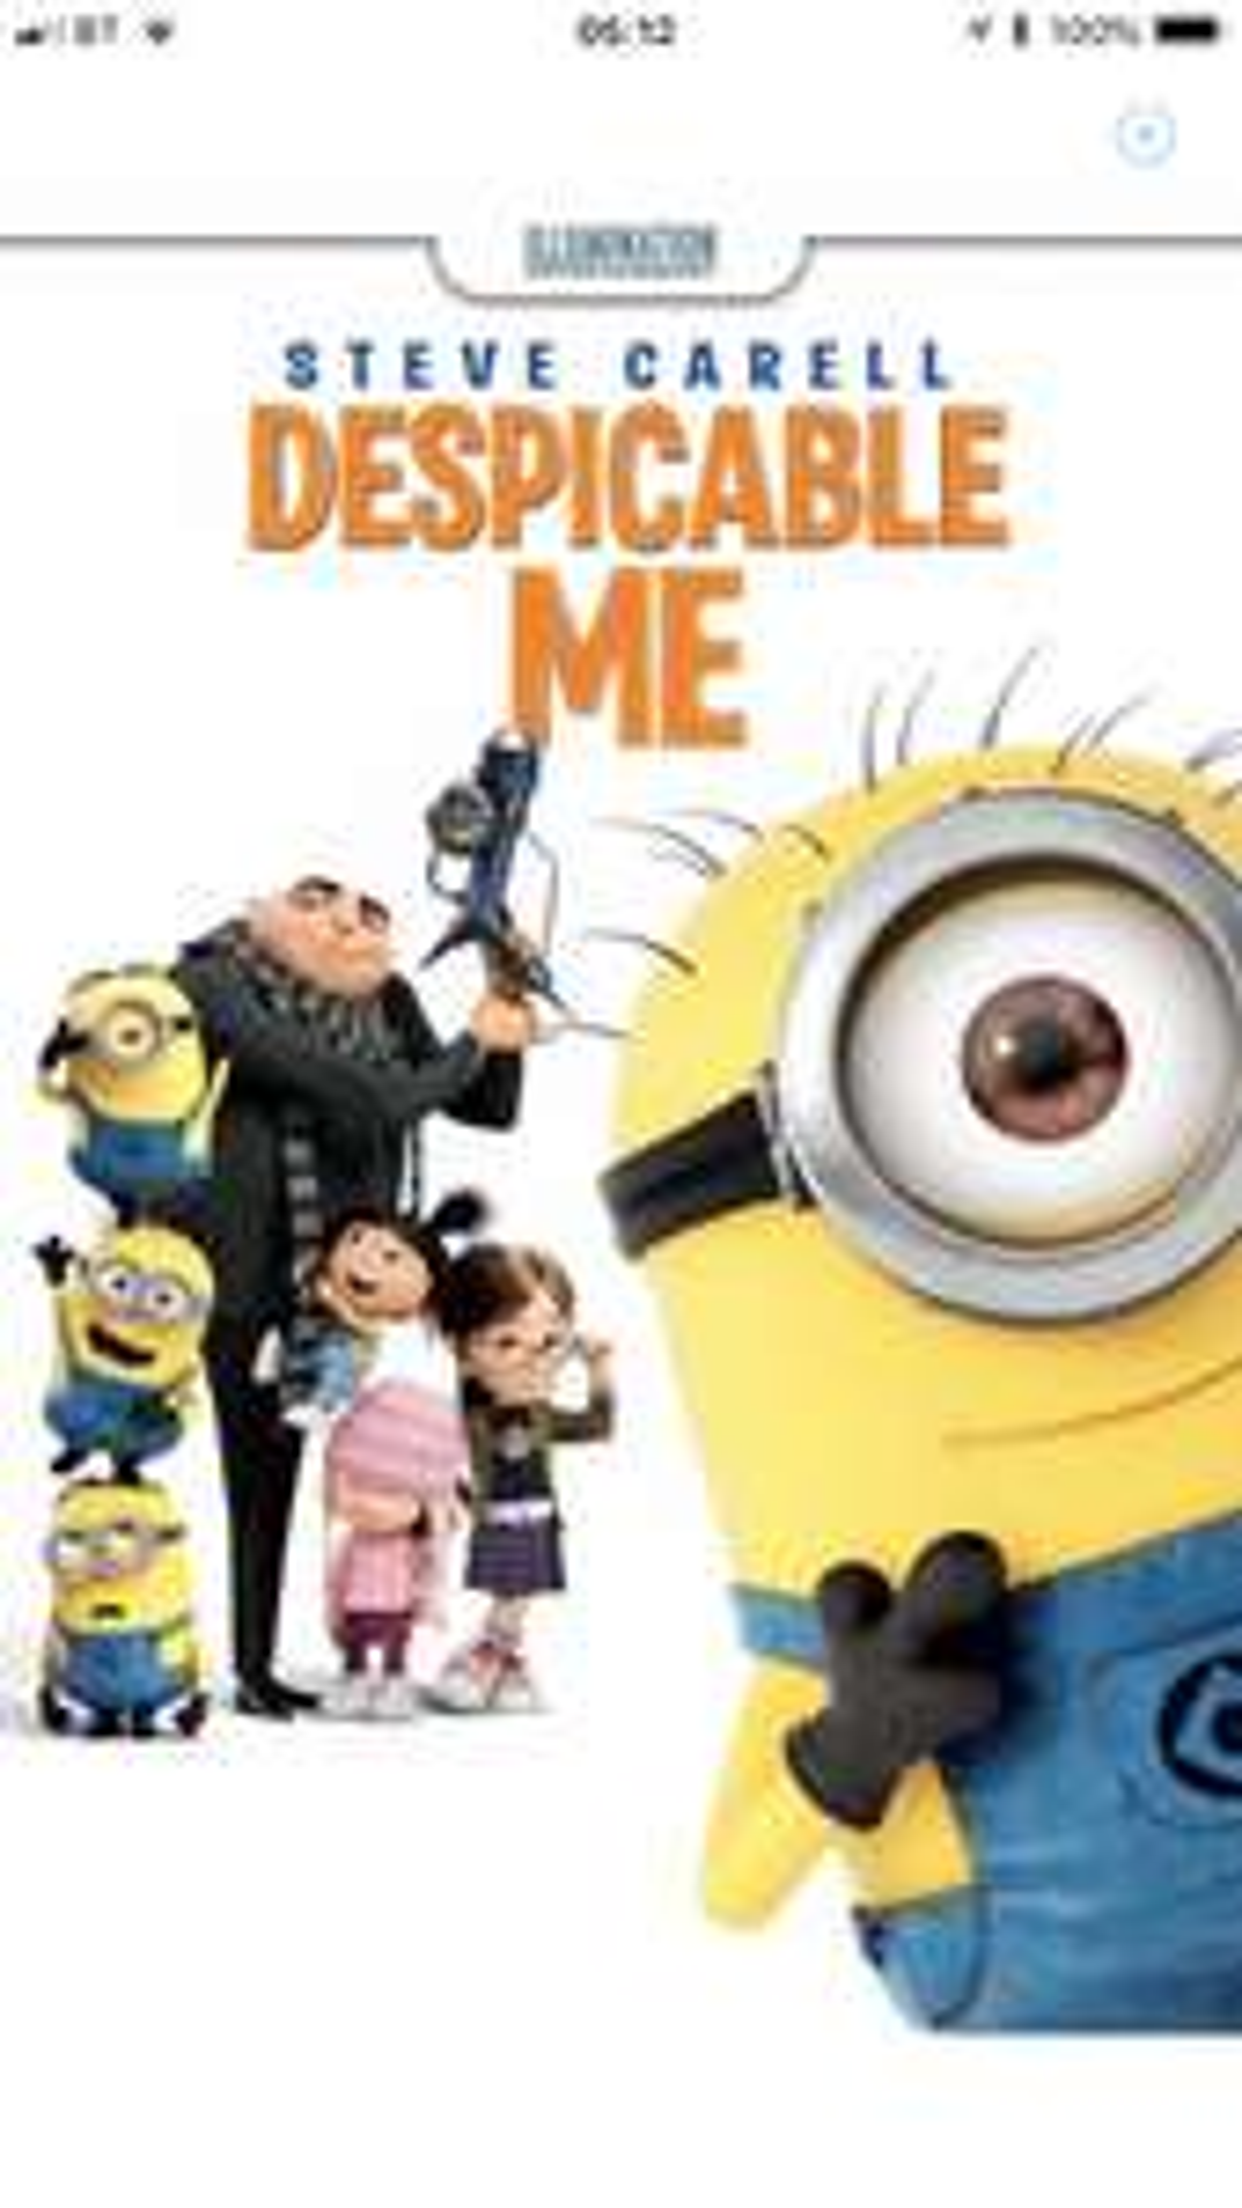 Despicable Me £3.99 @ iTunes 4K